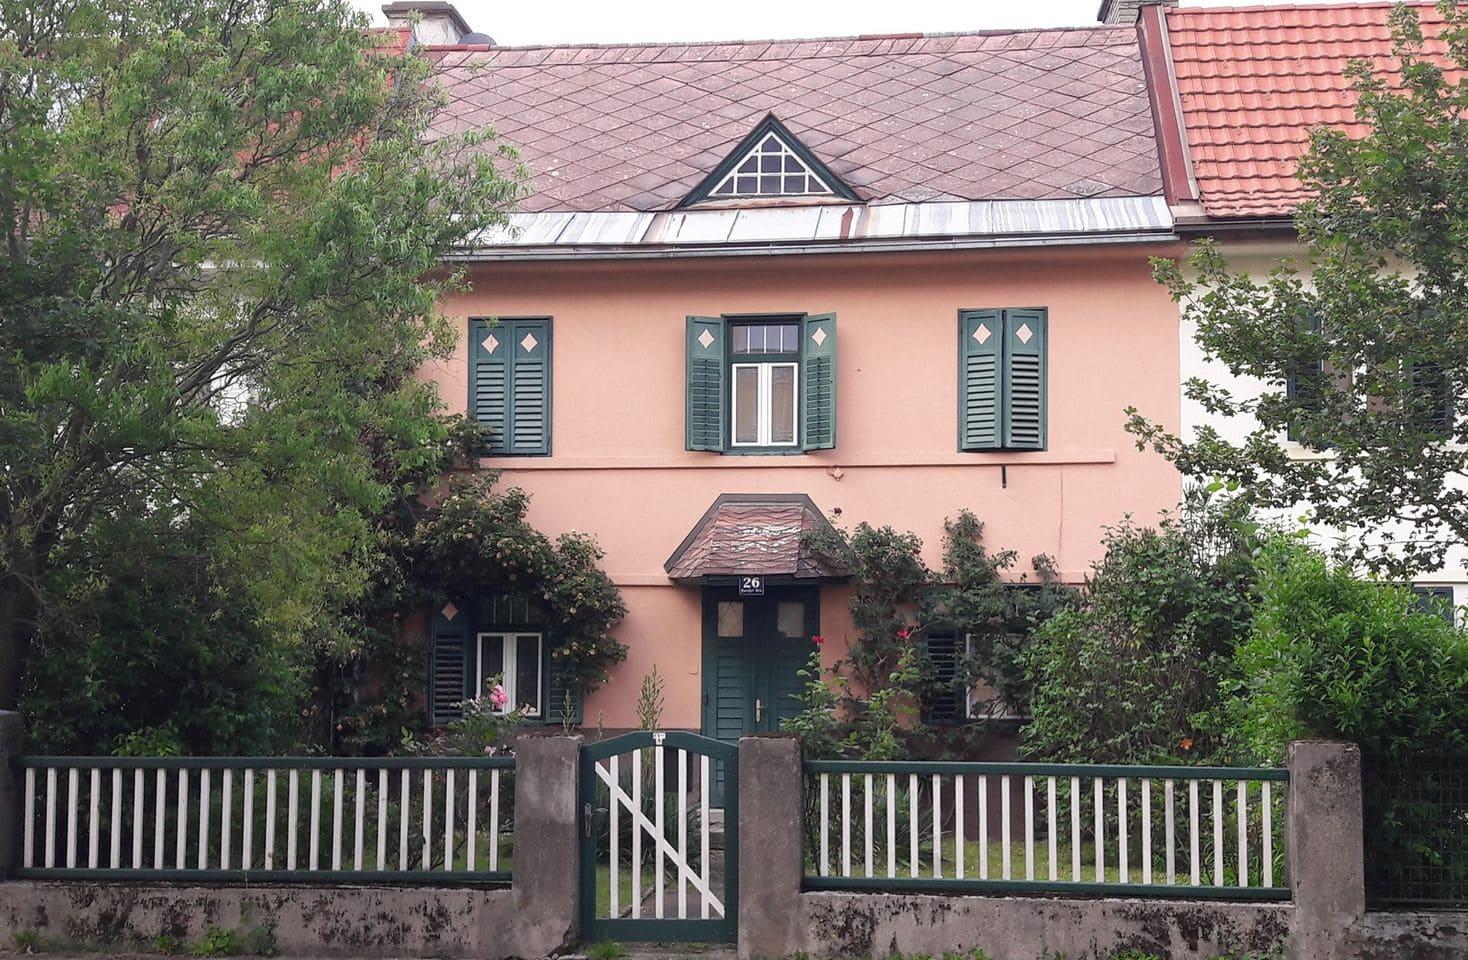 Bachmannpreis, Rahmenprogramm, Salon Inge, Literatur, Musik, Lesungen, 9020 Klagenfurt am Wörthersee